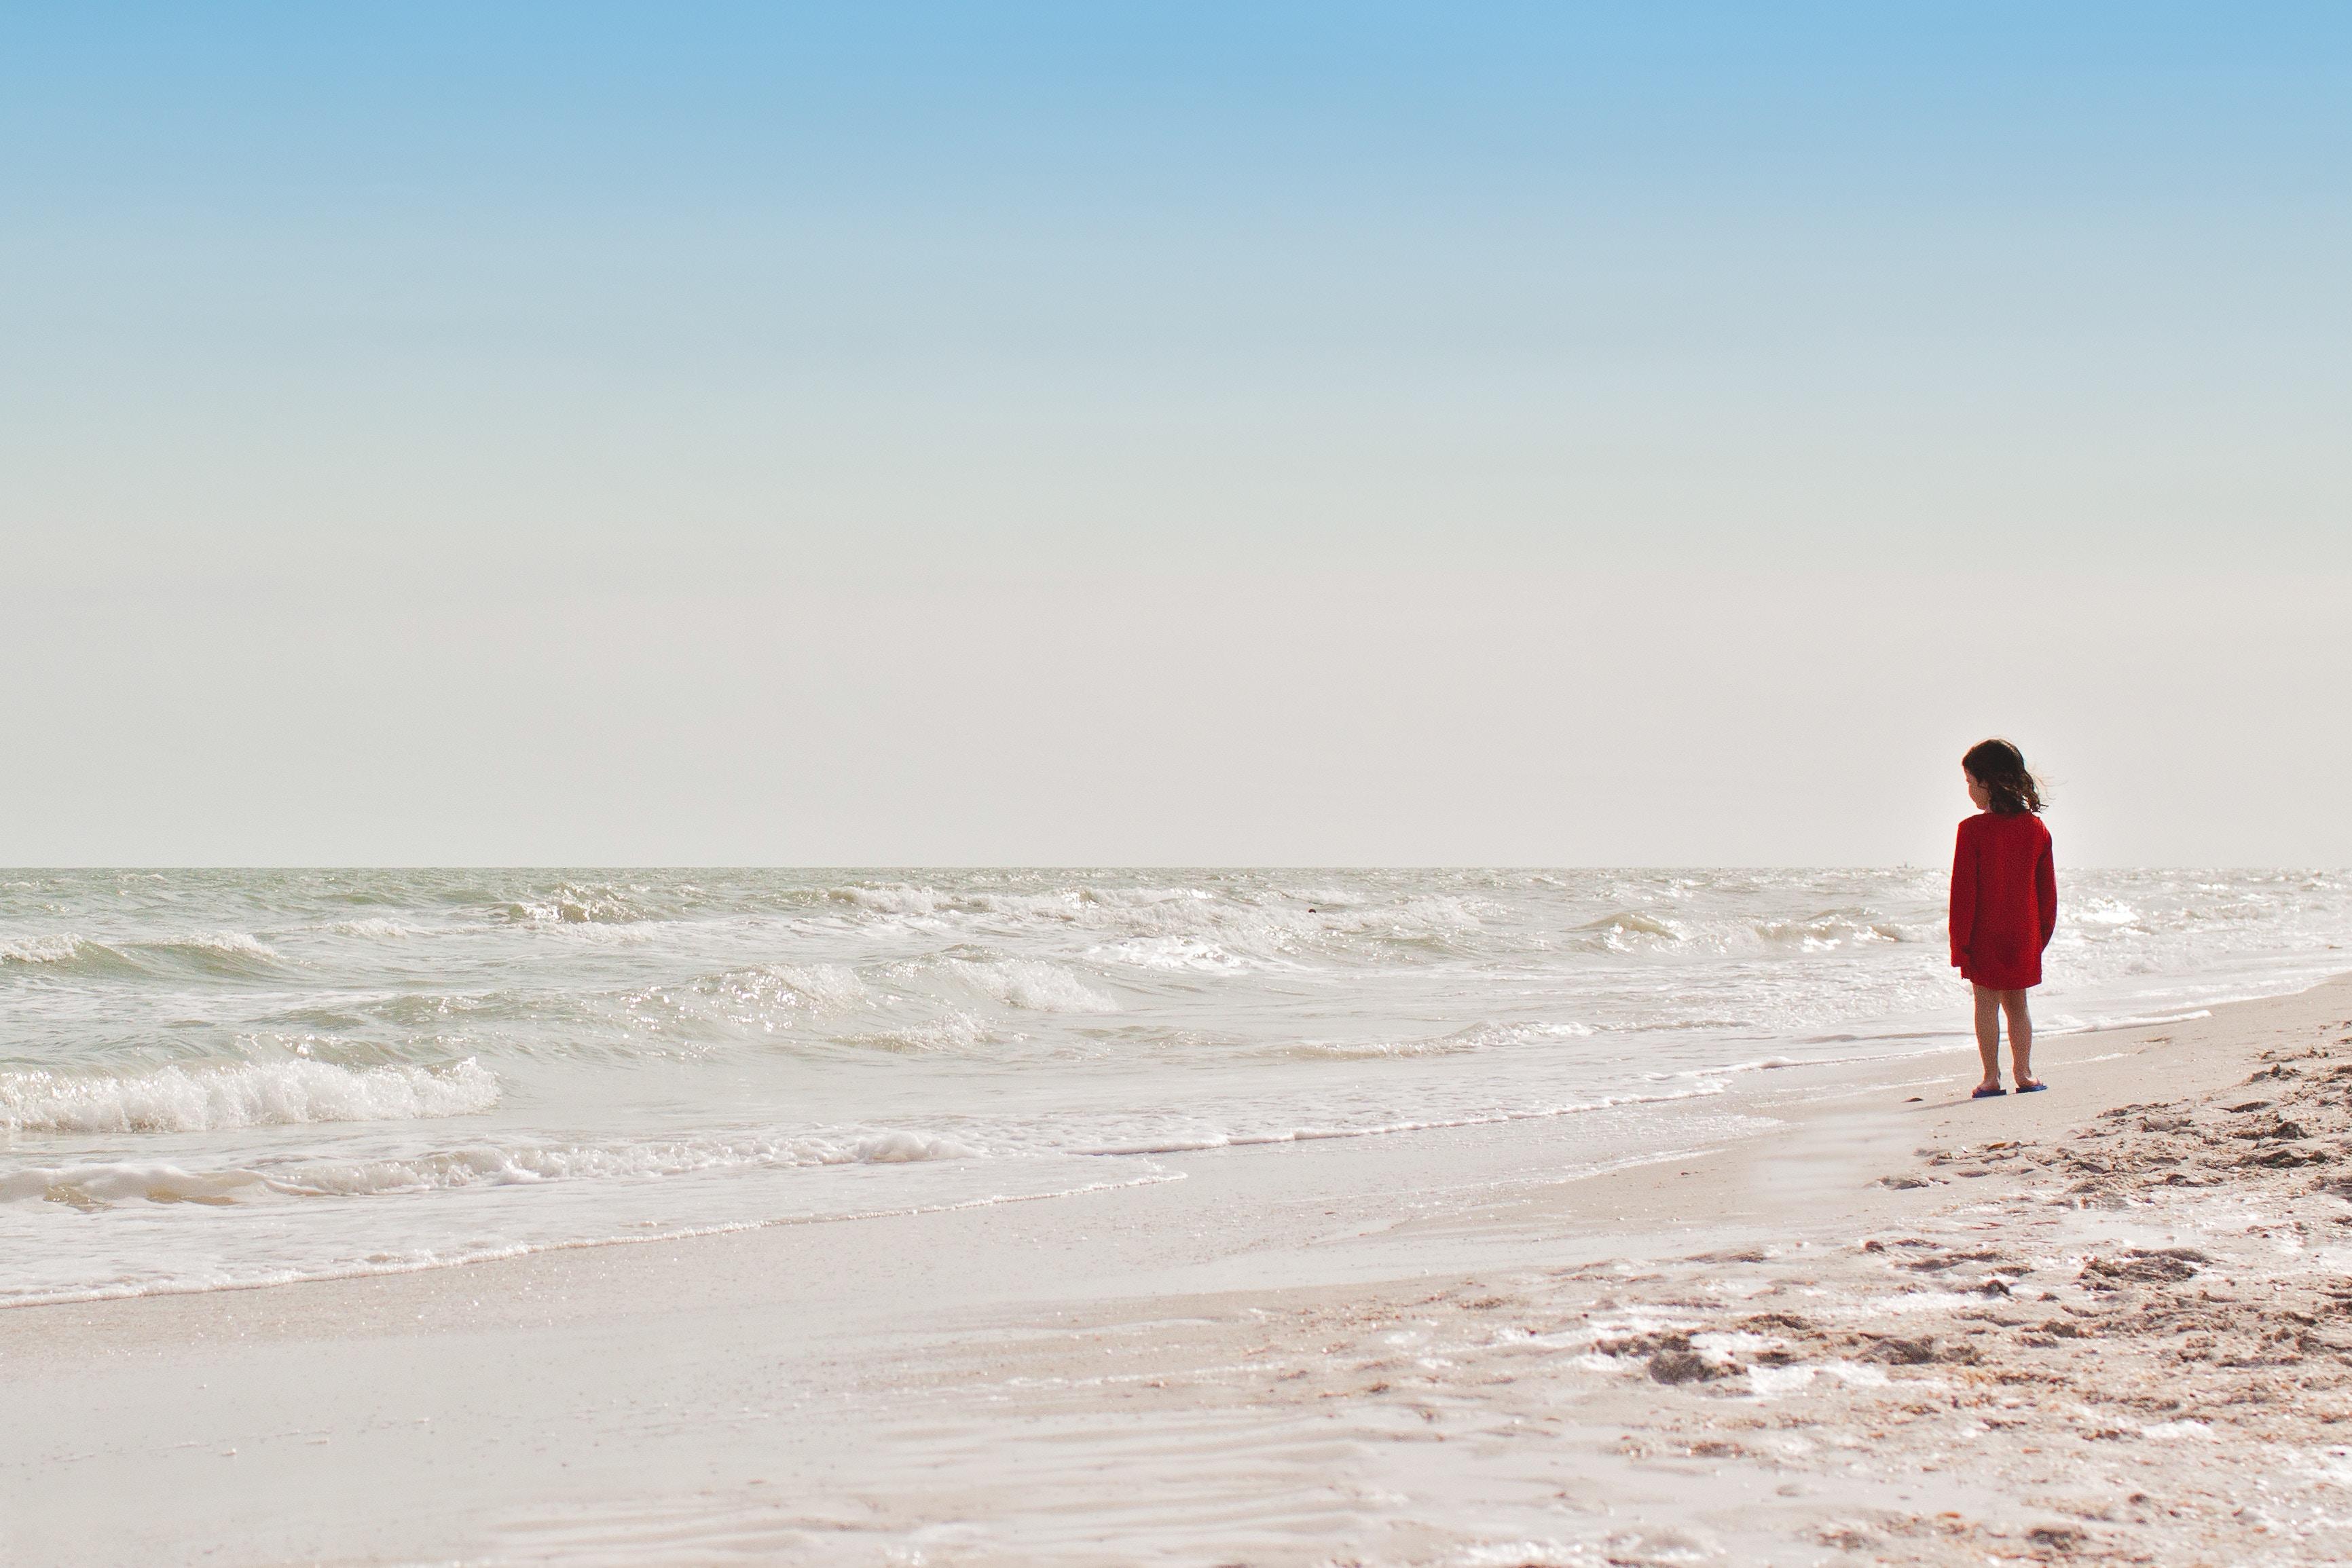 nz-ece-child-at-beach